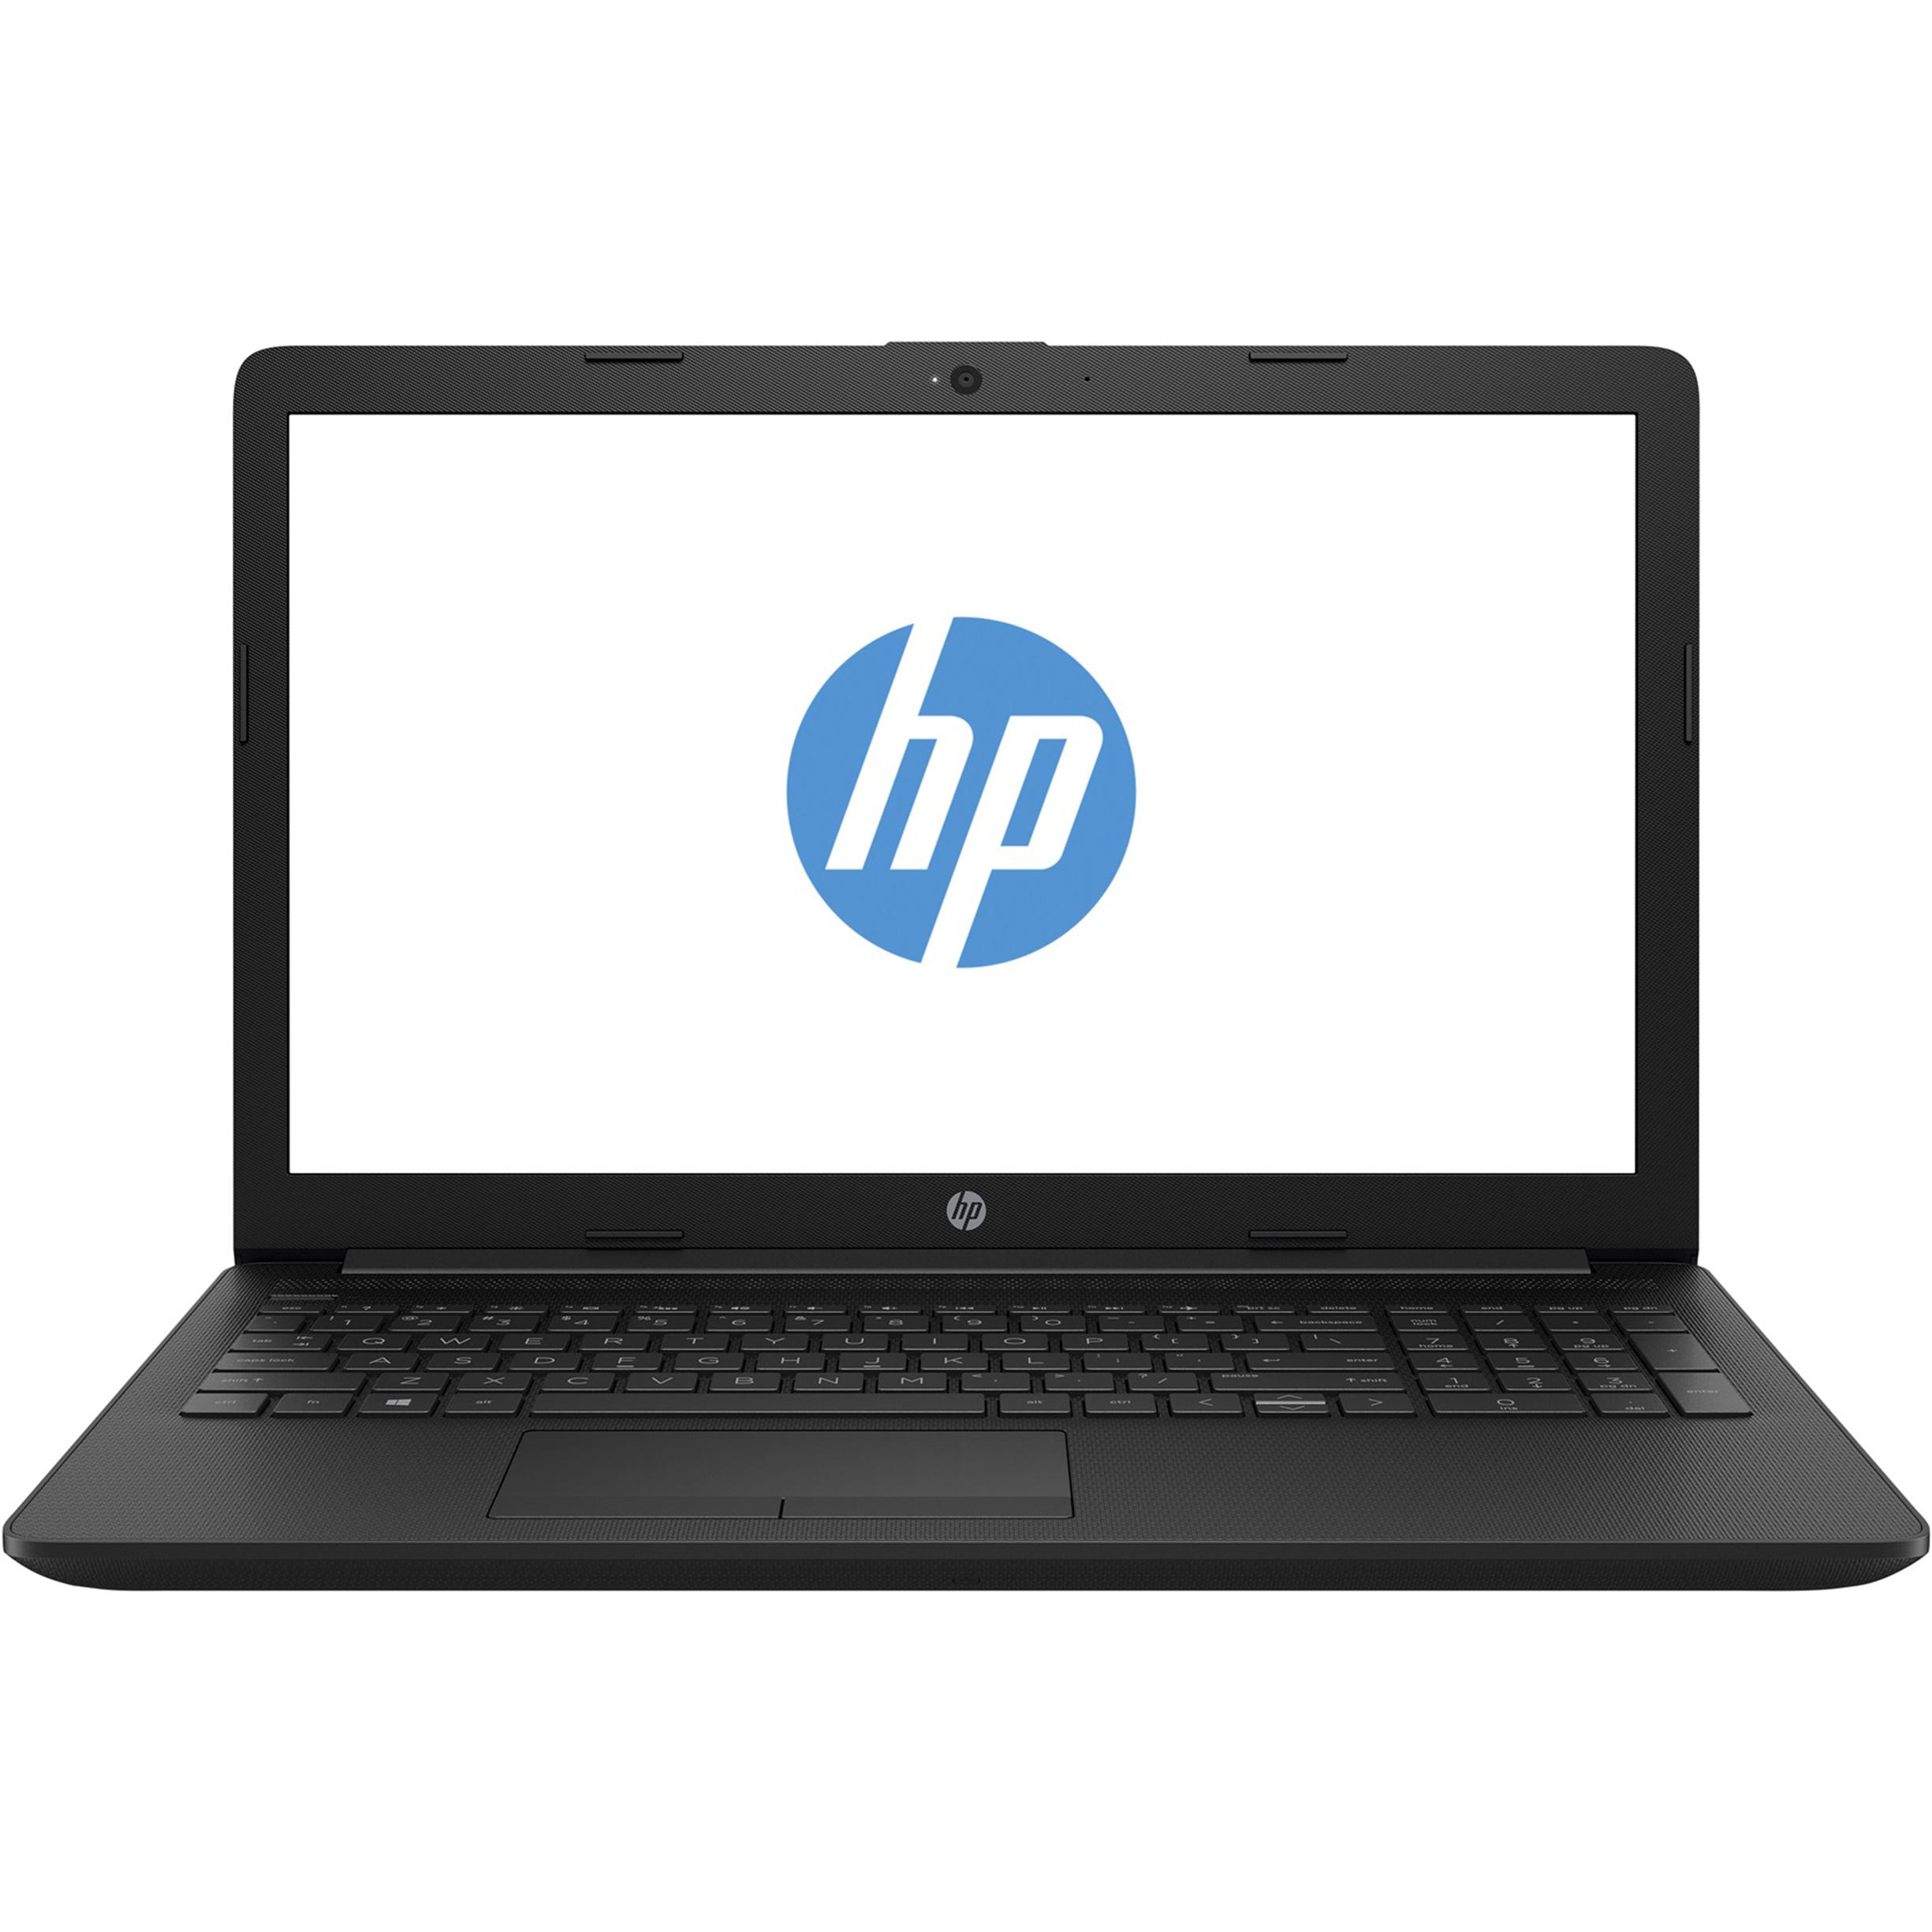 لپ تاپ 15.6 اینچی اچ پی مدل DA 0000 - C